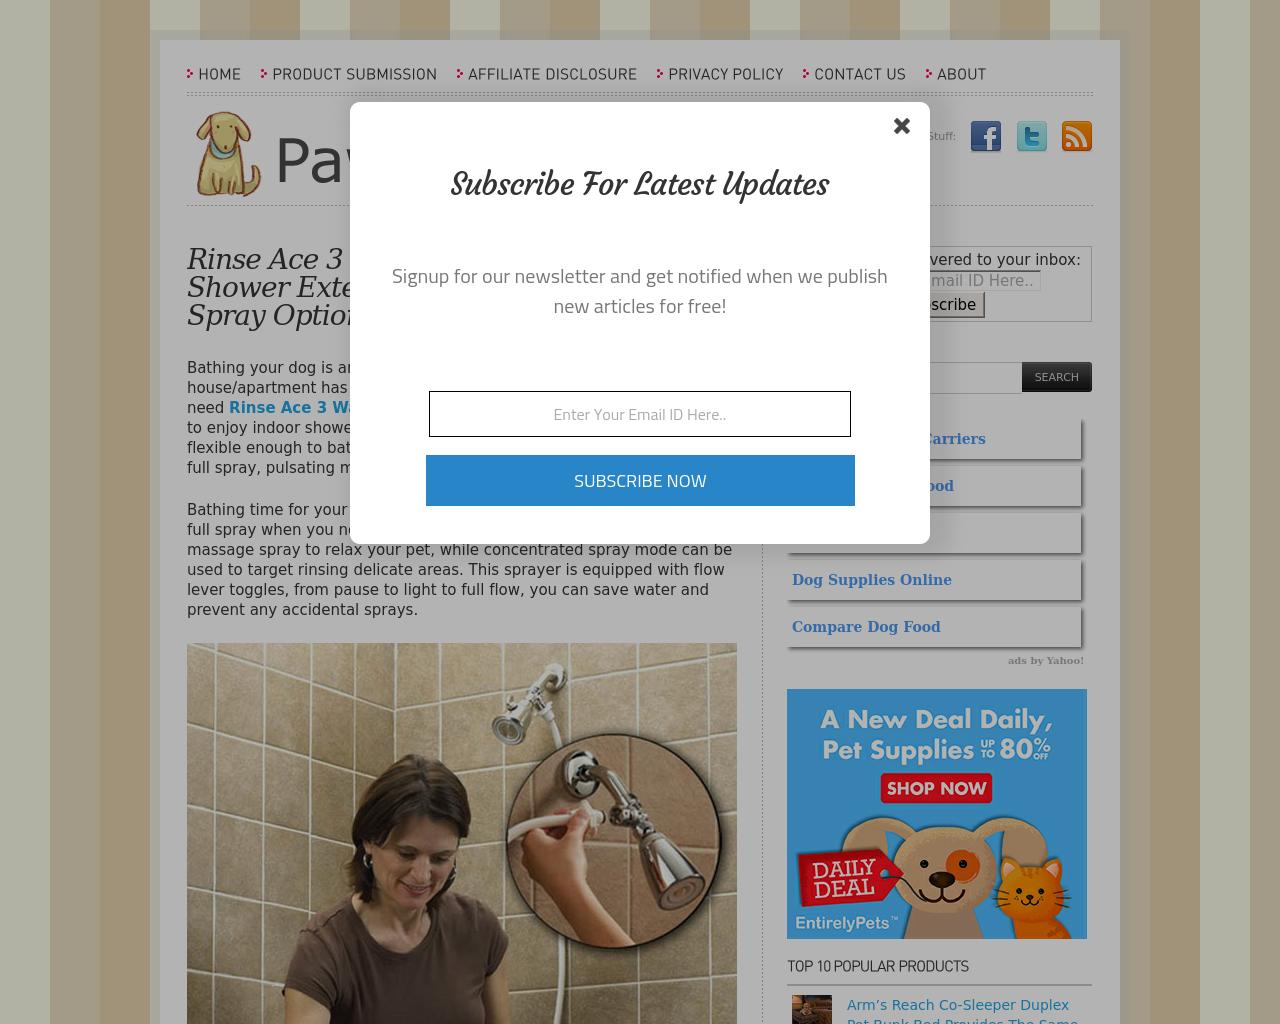 Pawfi-Advertising-Reviews-Pricing